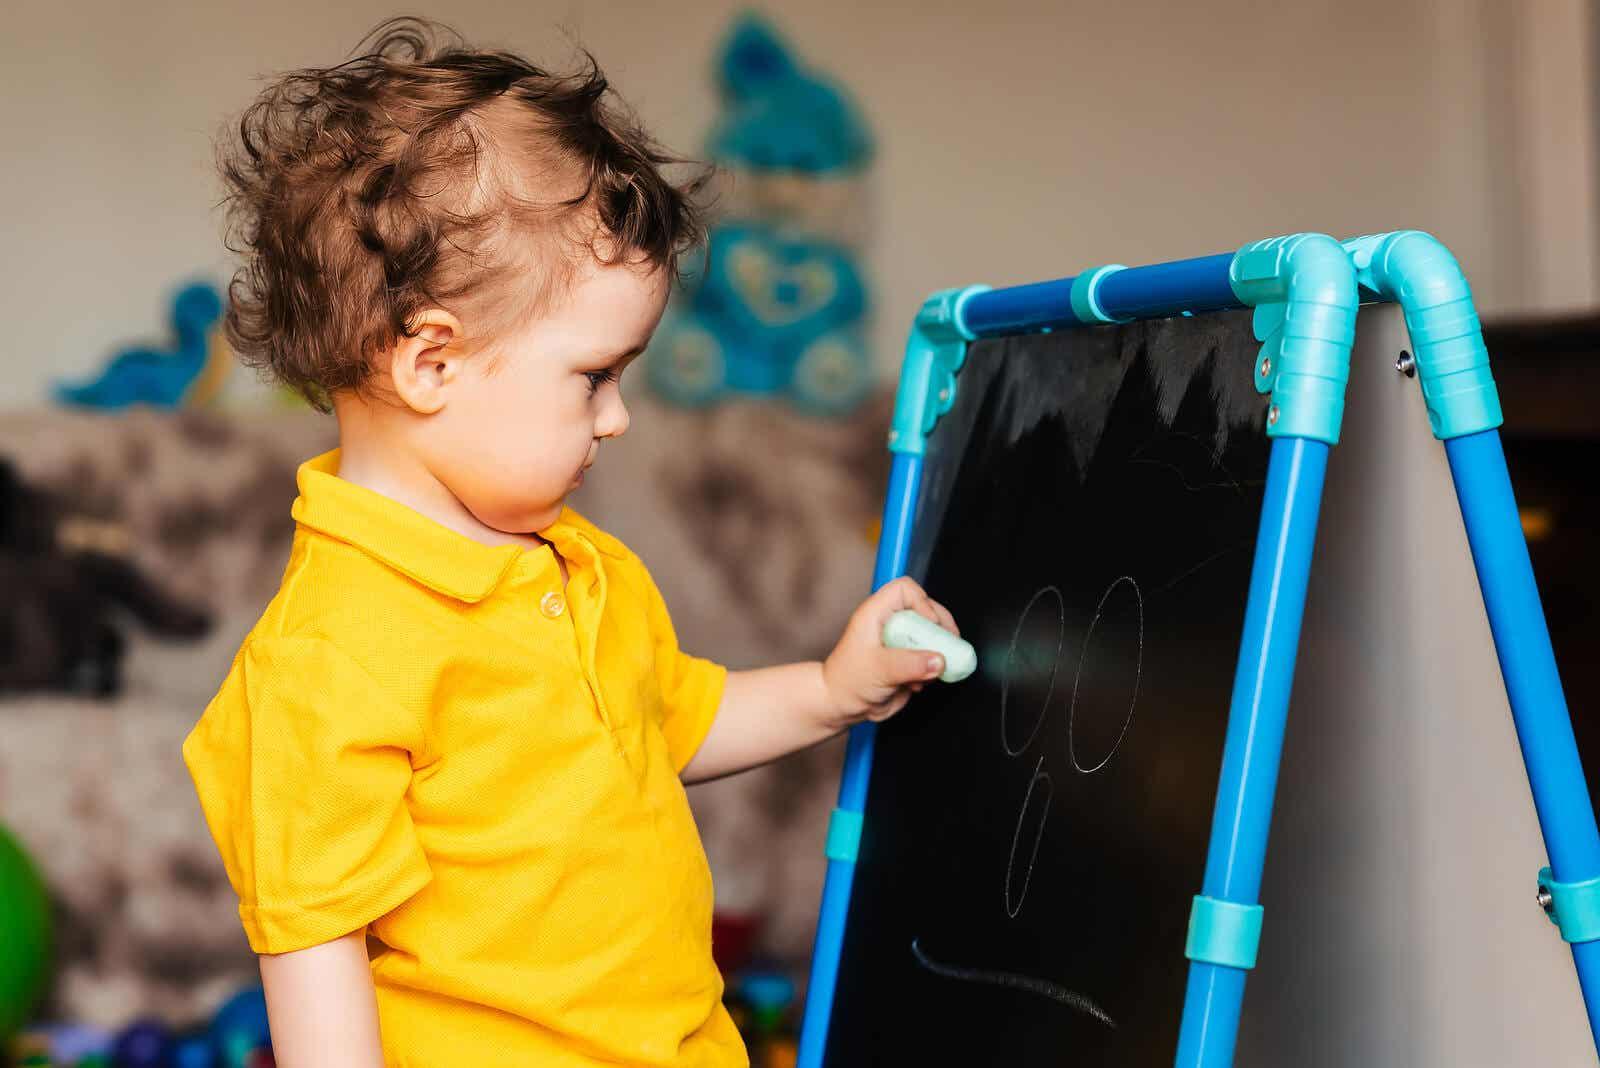 Ett litet barn ritar på en tavla.